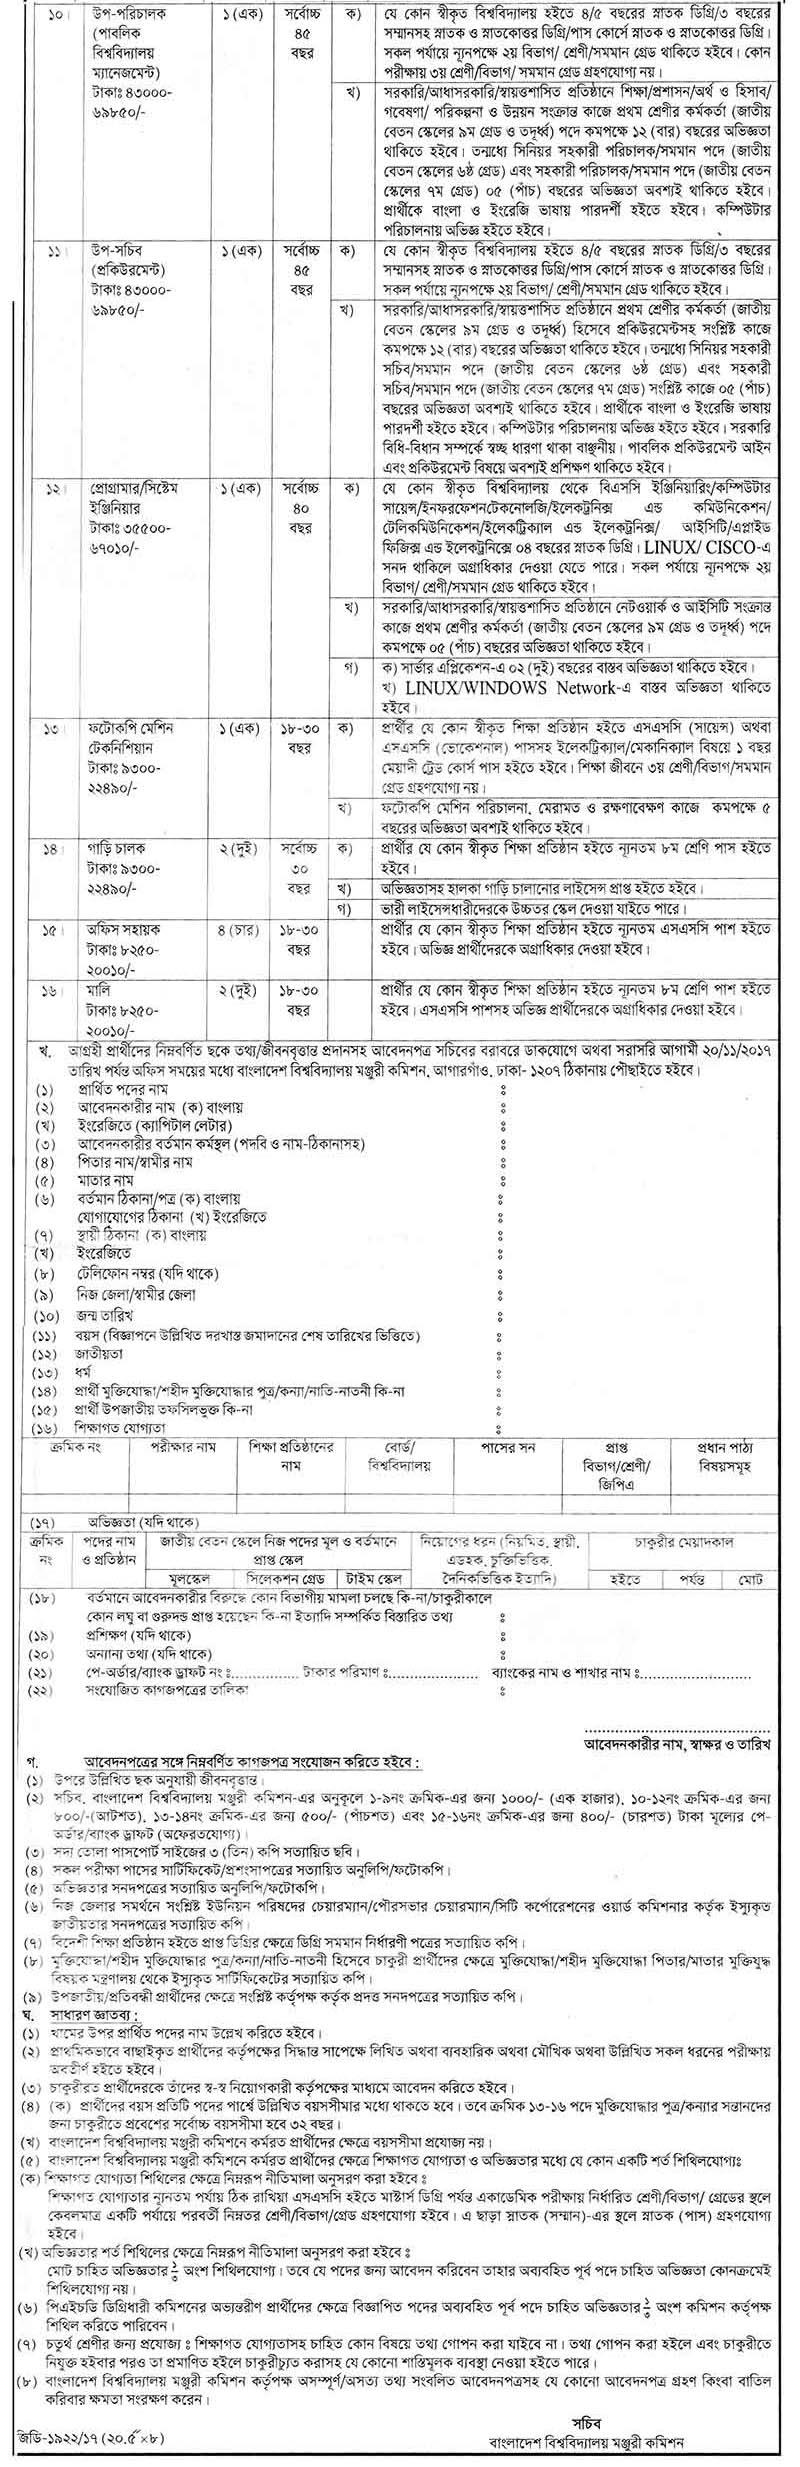 ugc govt bd jobs circular